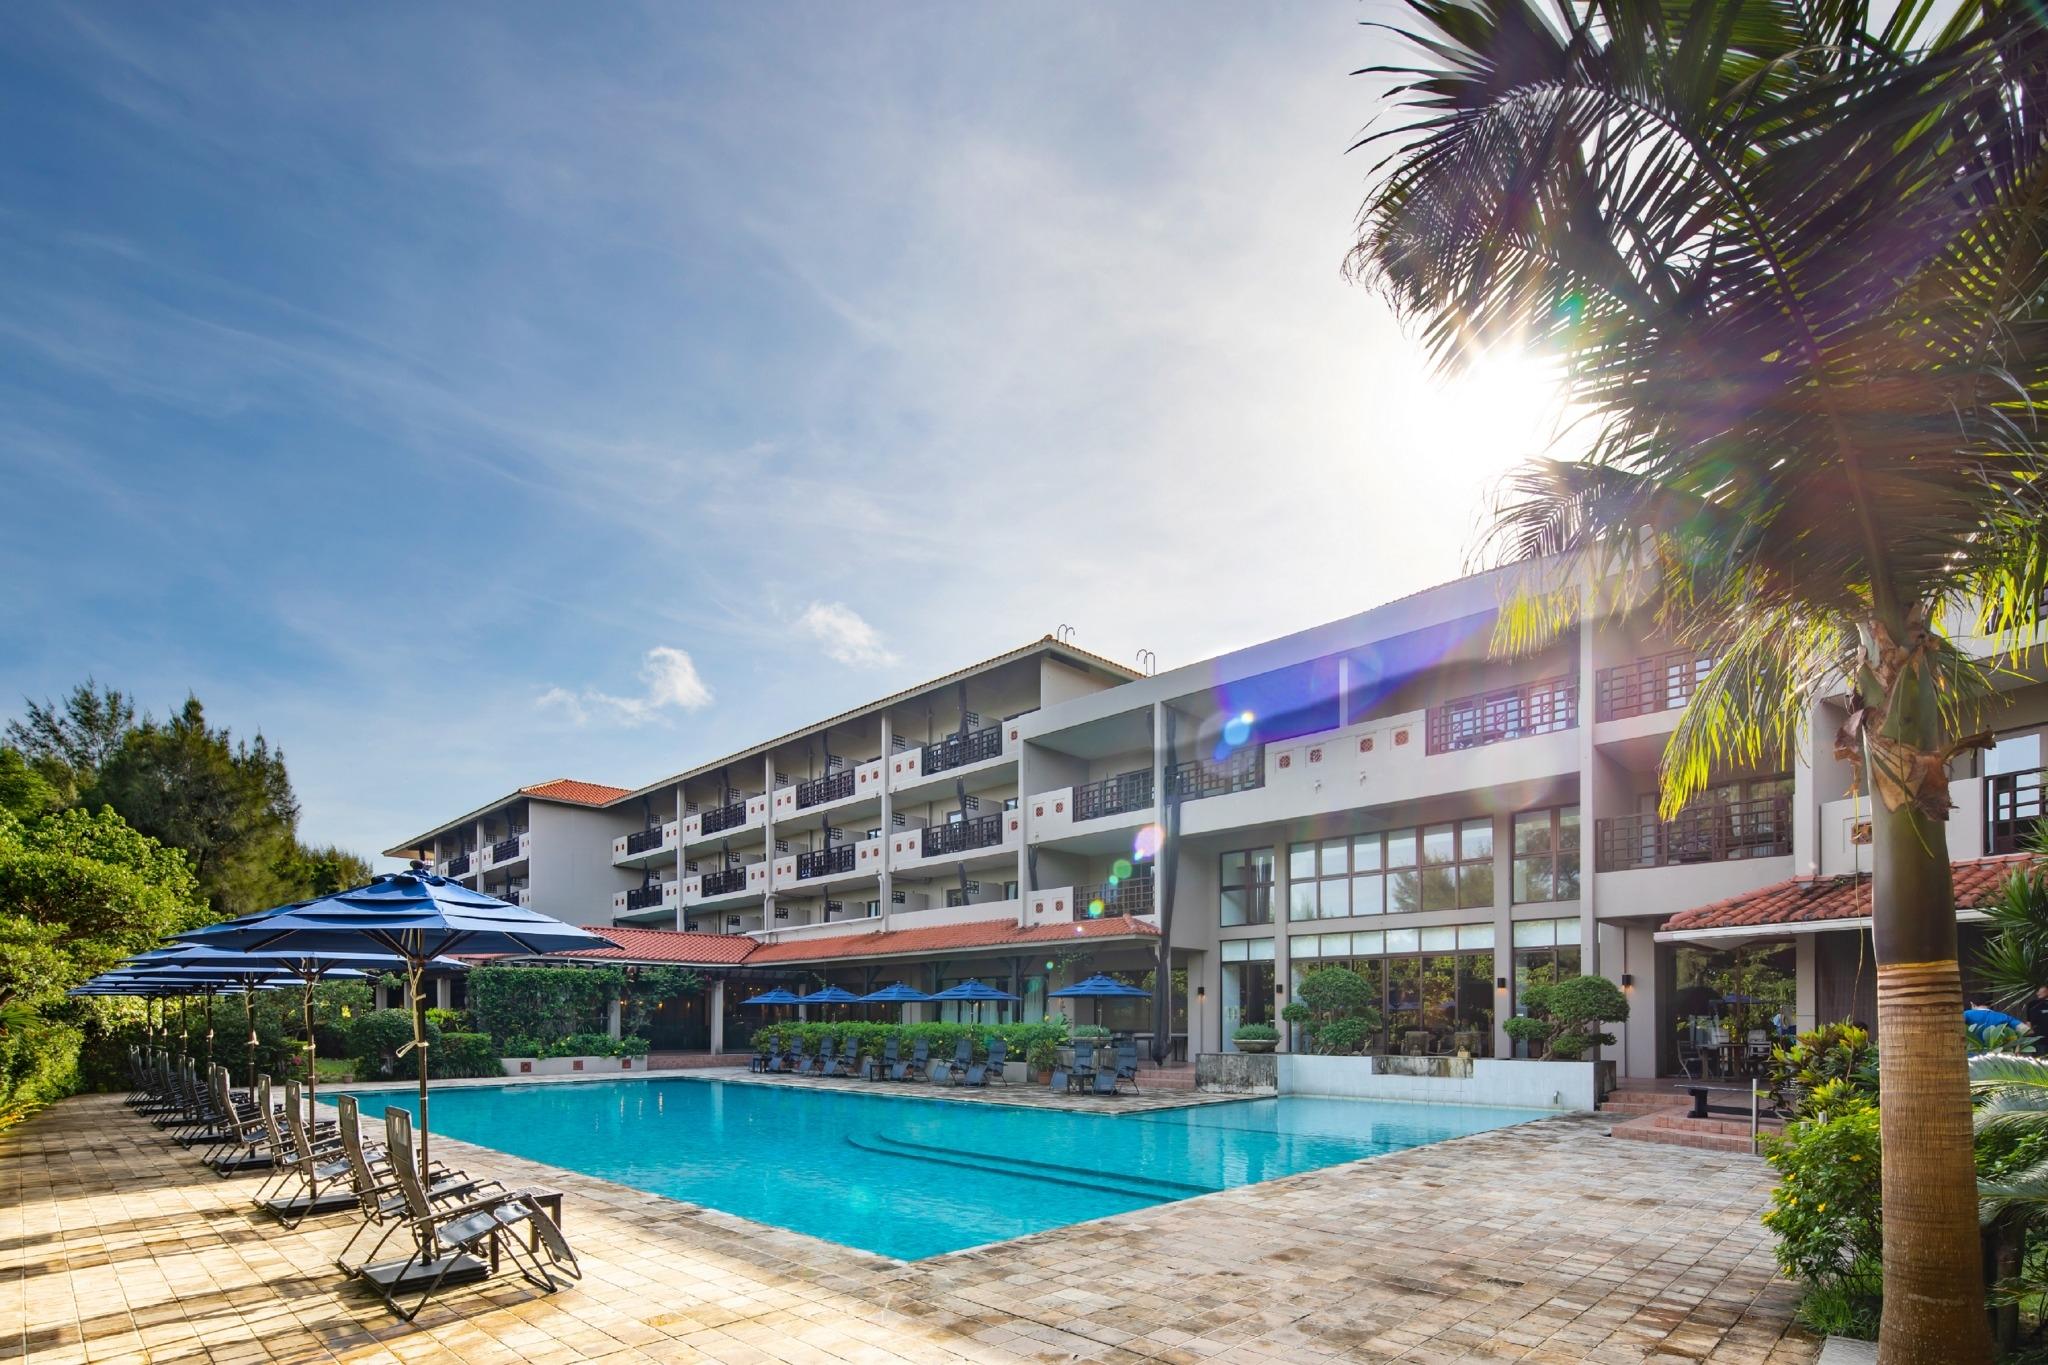 Hoshino Resorts Iriomote Hotel